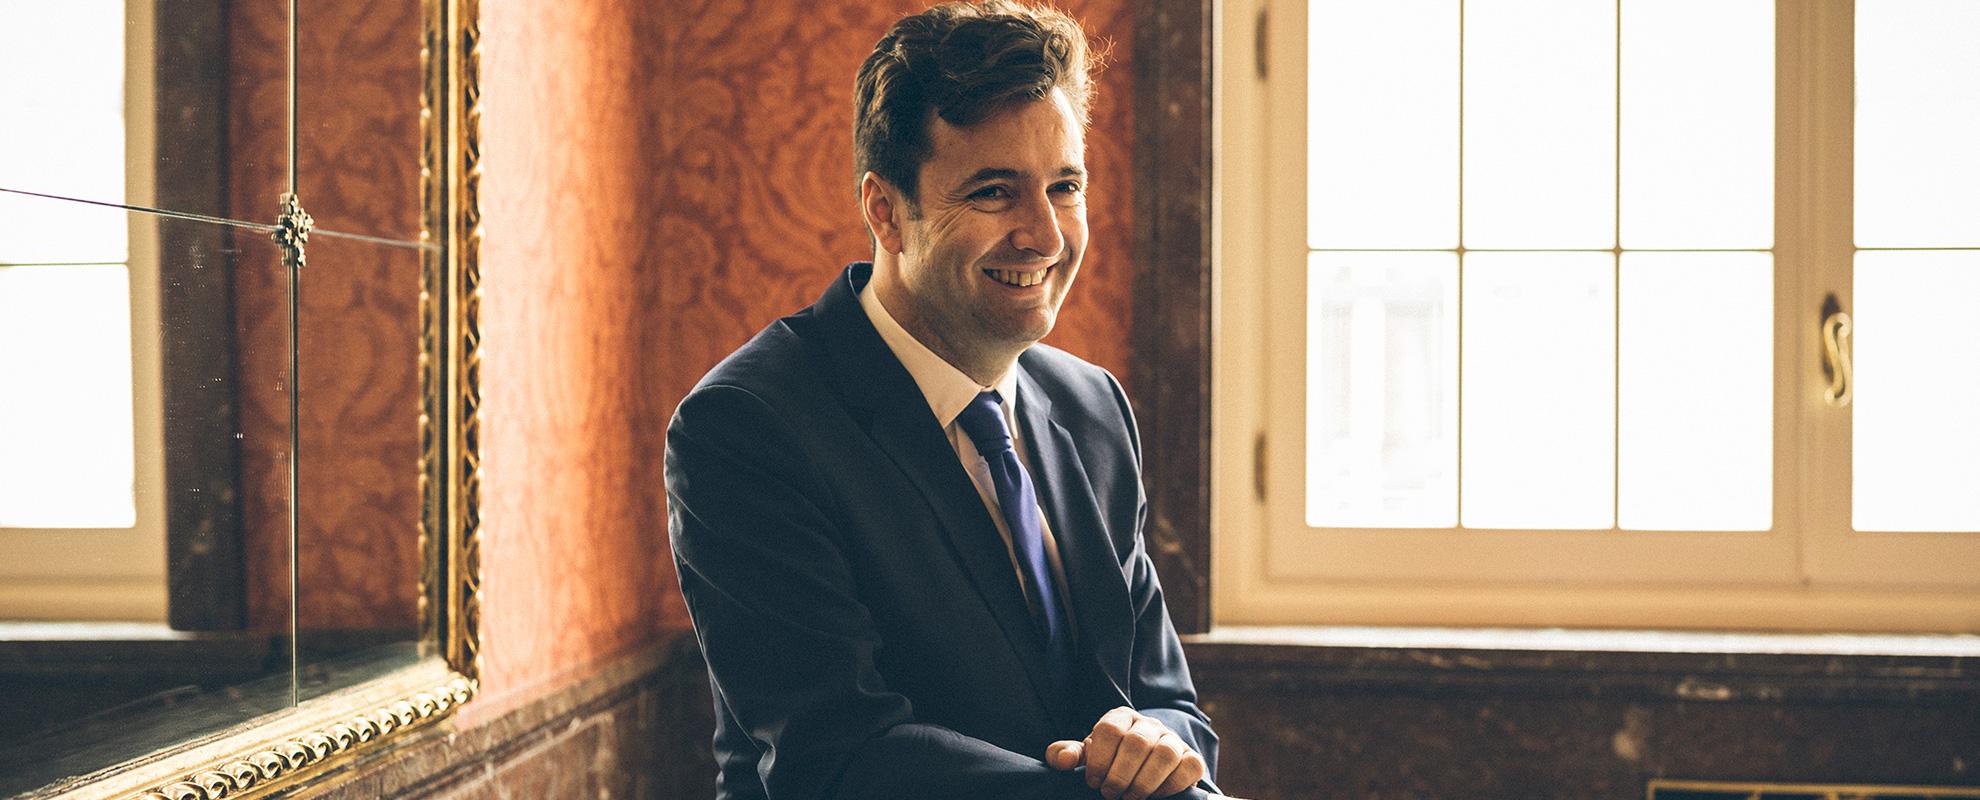 Noticias del director de orquesta español Óliver Díaz